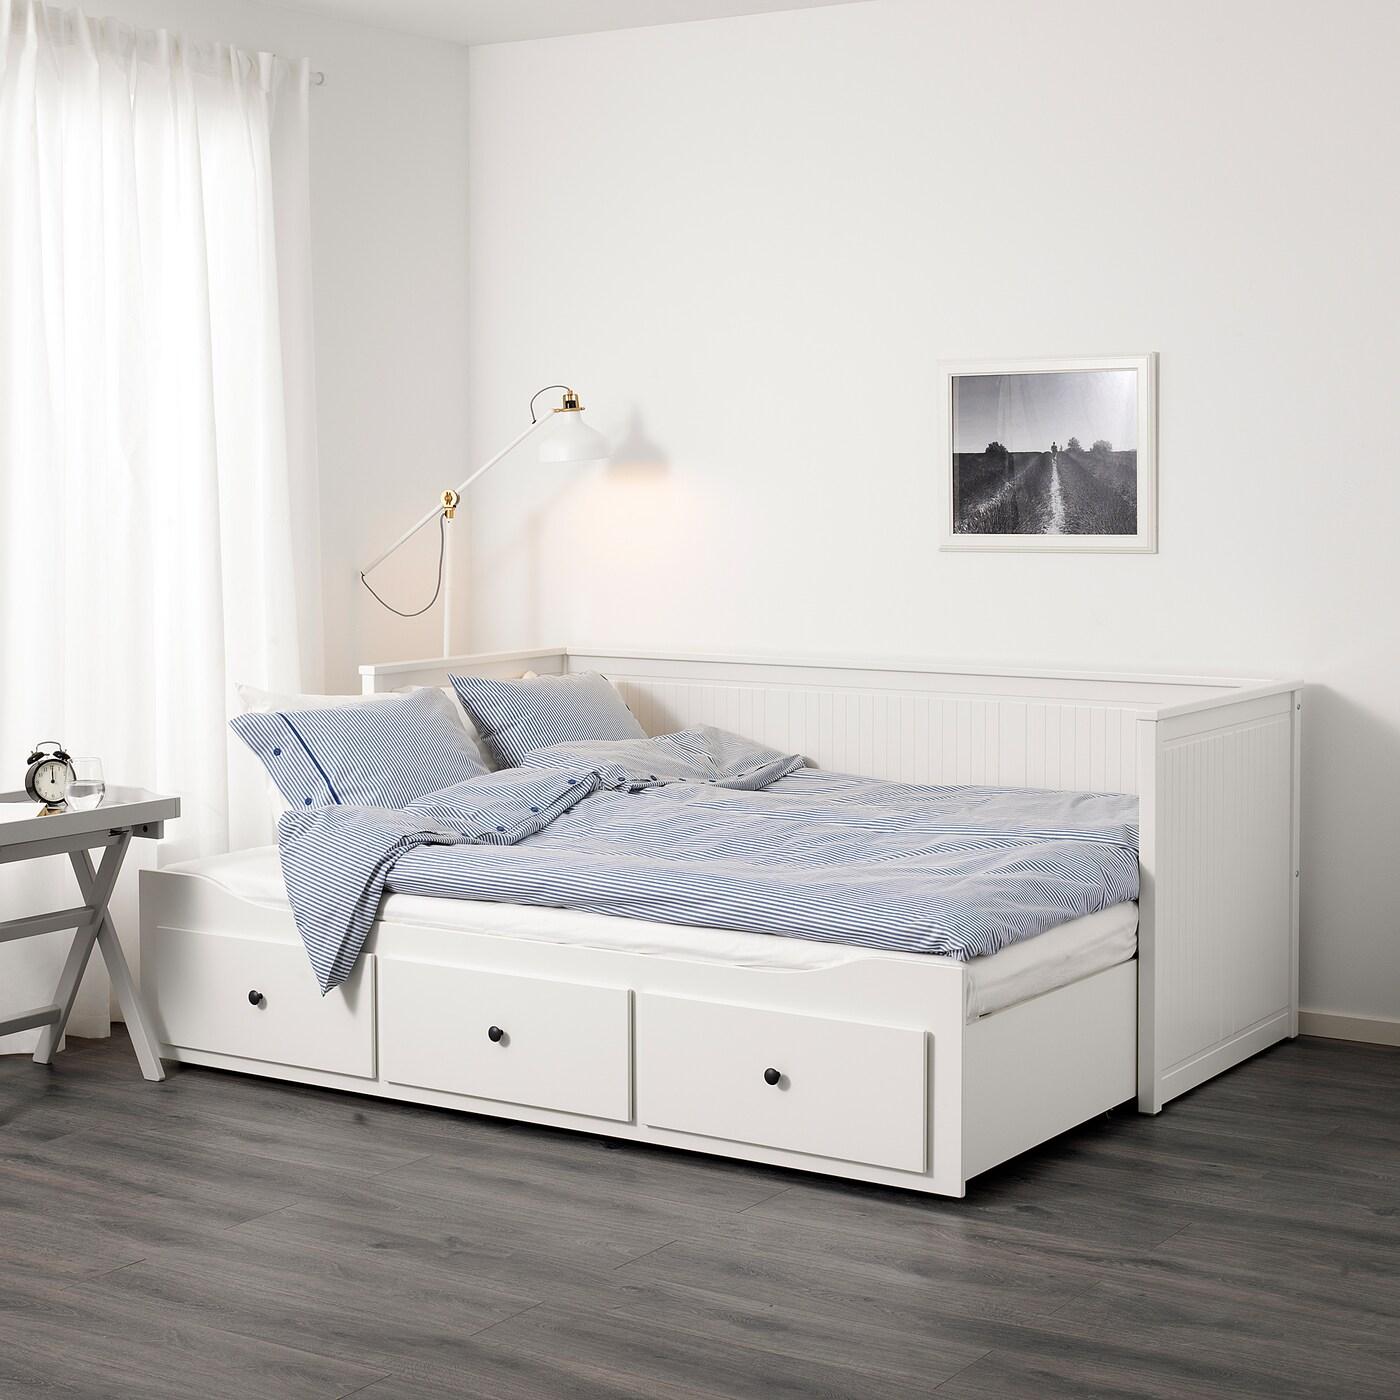 Full Size of Hemnes Massivholz Tagesbett Ausziehbar Mit Stauraum Ikea Japanisches Bett Bettwäsche Sprüche Rauch Betten 180x200 Ausklappbar Amerikanisches Unterbett Bett Bett Zum Ausziehen